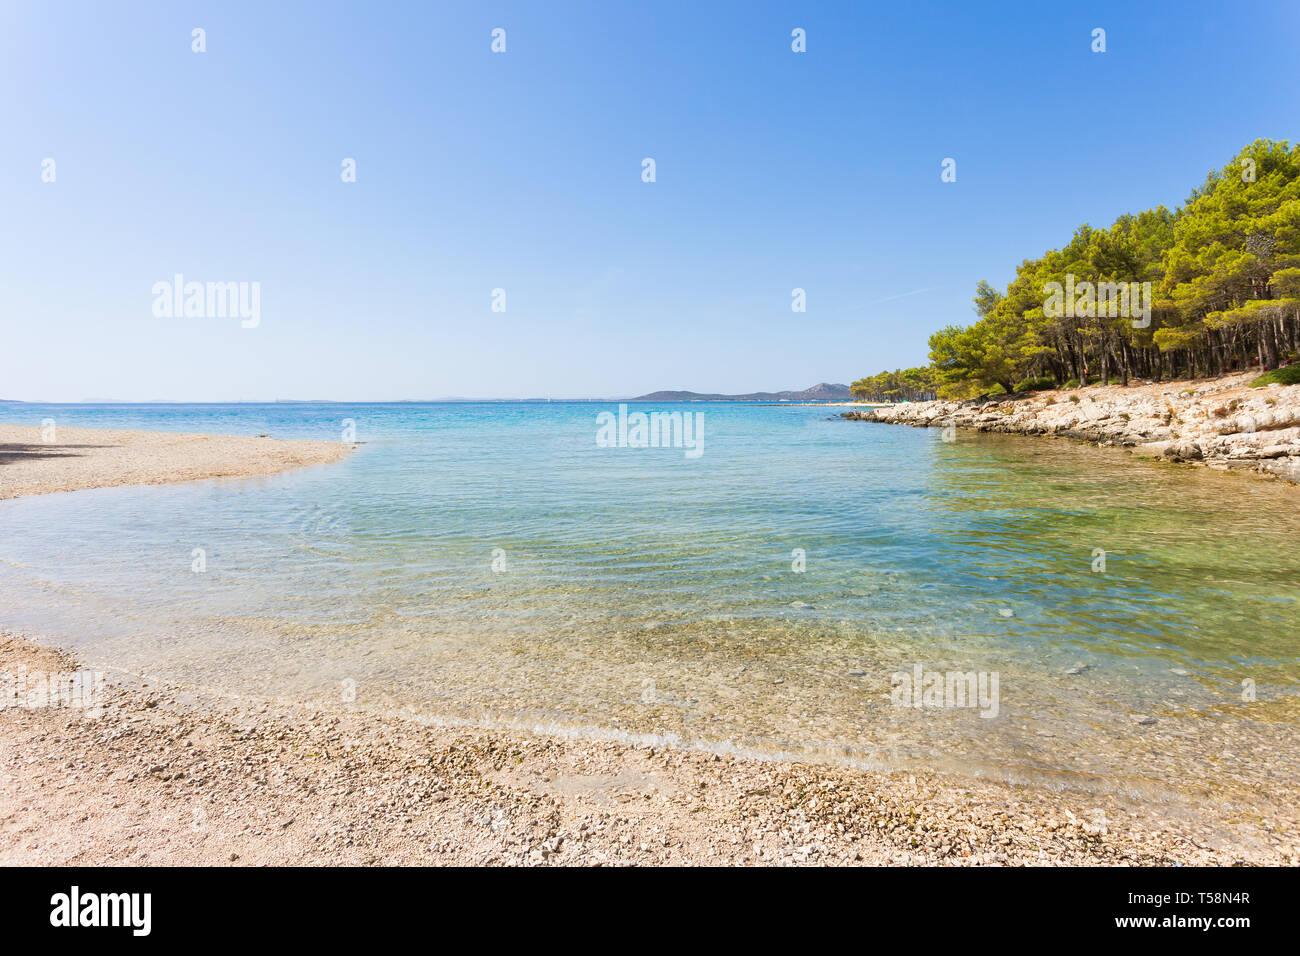 Pine Beach, Pakostane, Kroatien, Europa - ruhige Landschaft Am natürlichen Strand von Pakostane Stockfoto